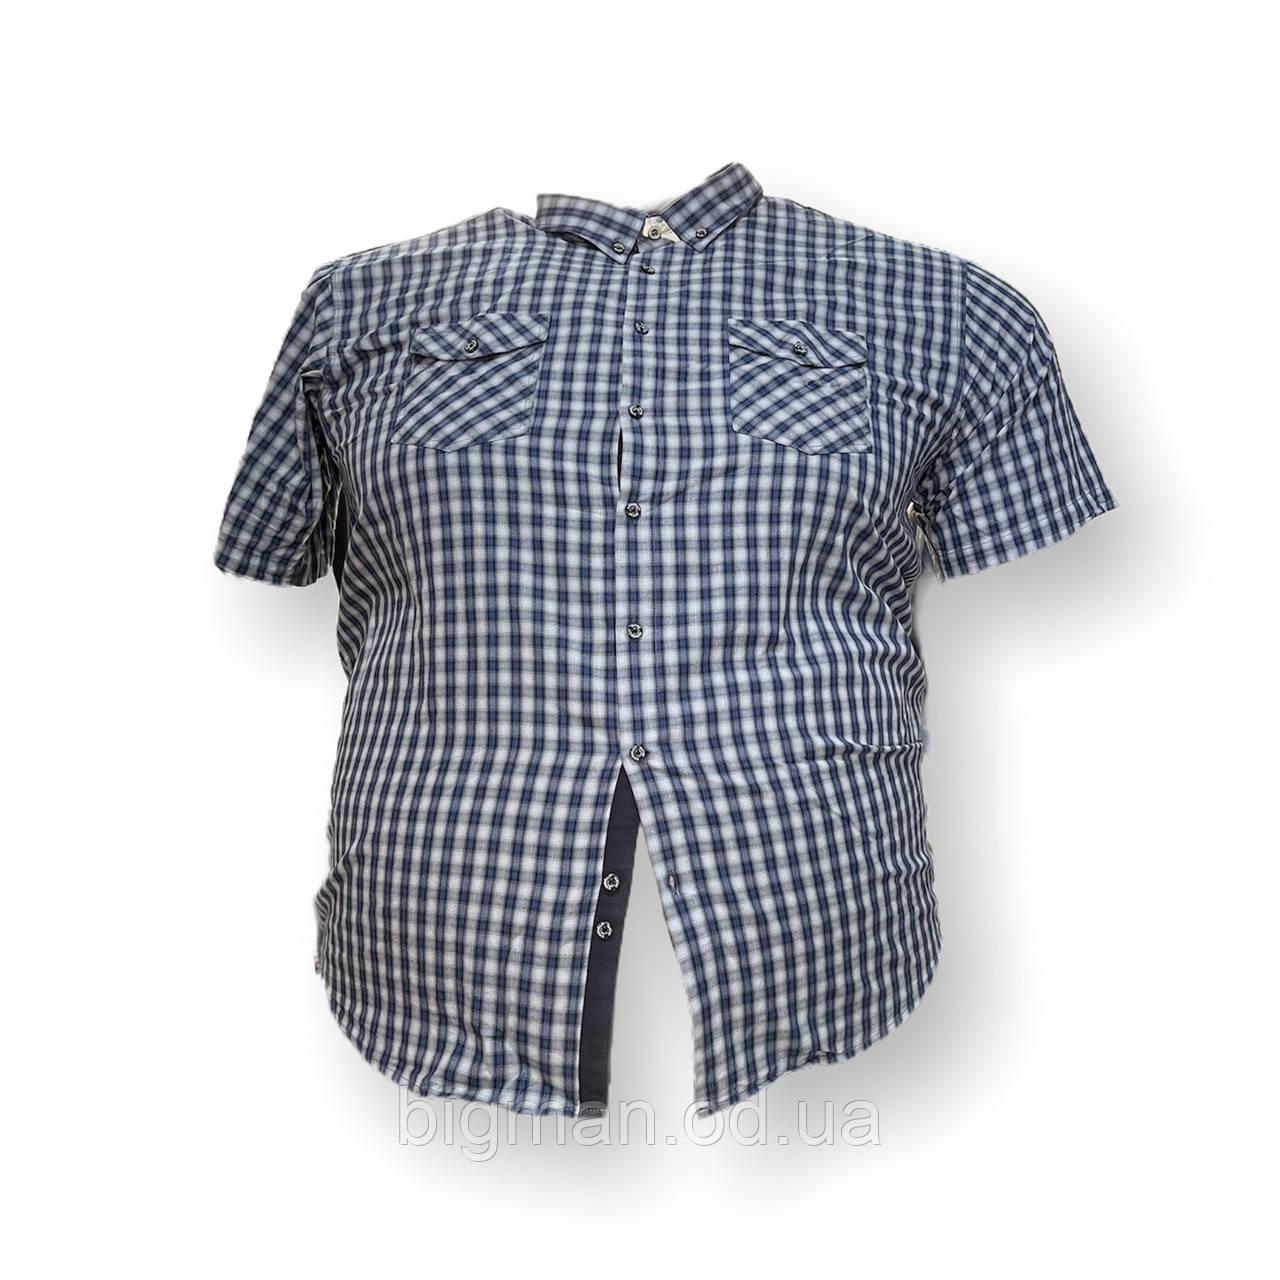 Чоловіча сорочка з коротким рукавом Birindelli 16087 3XL 4XL 5XL 6XL синя в клеткубольшие розміри батал Туреччина